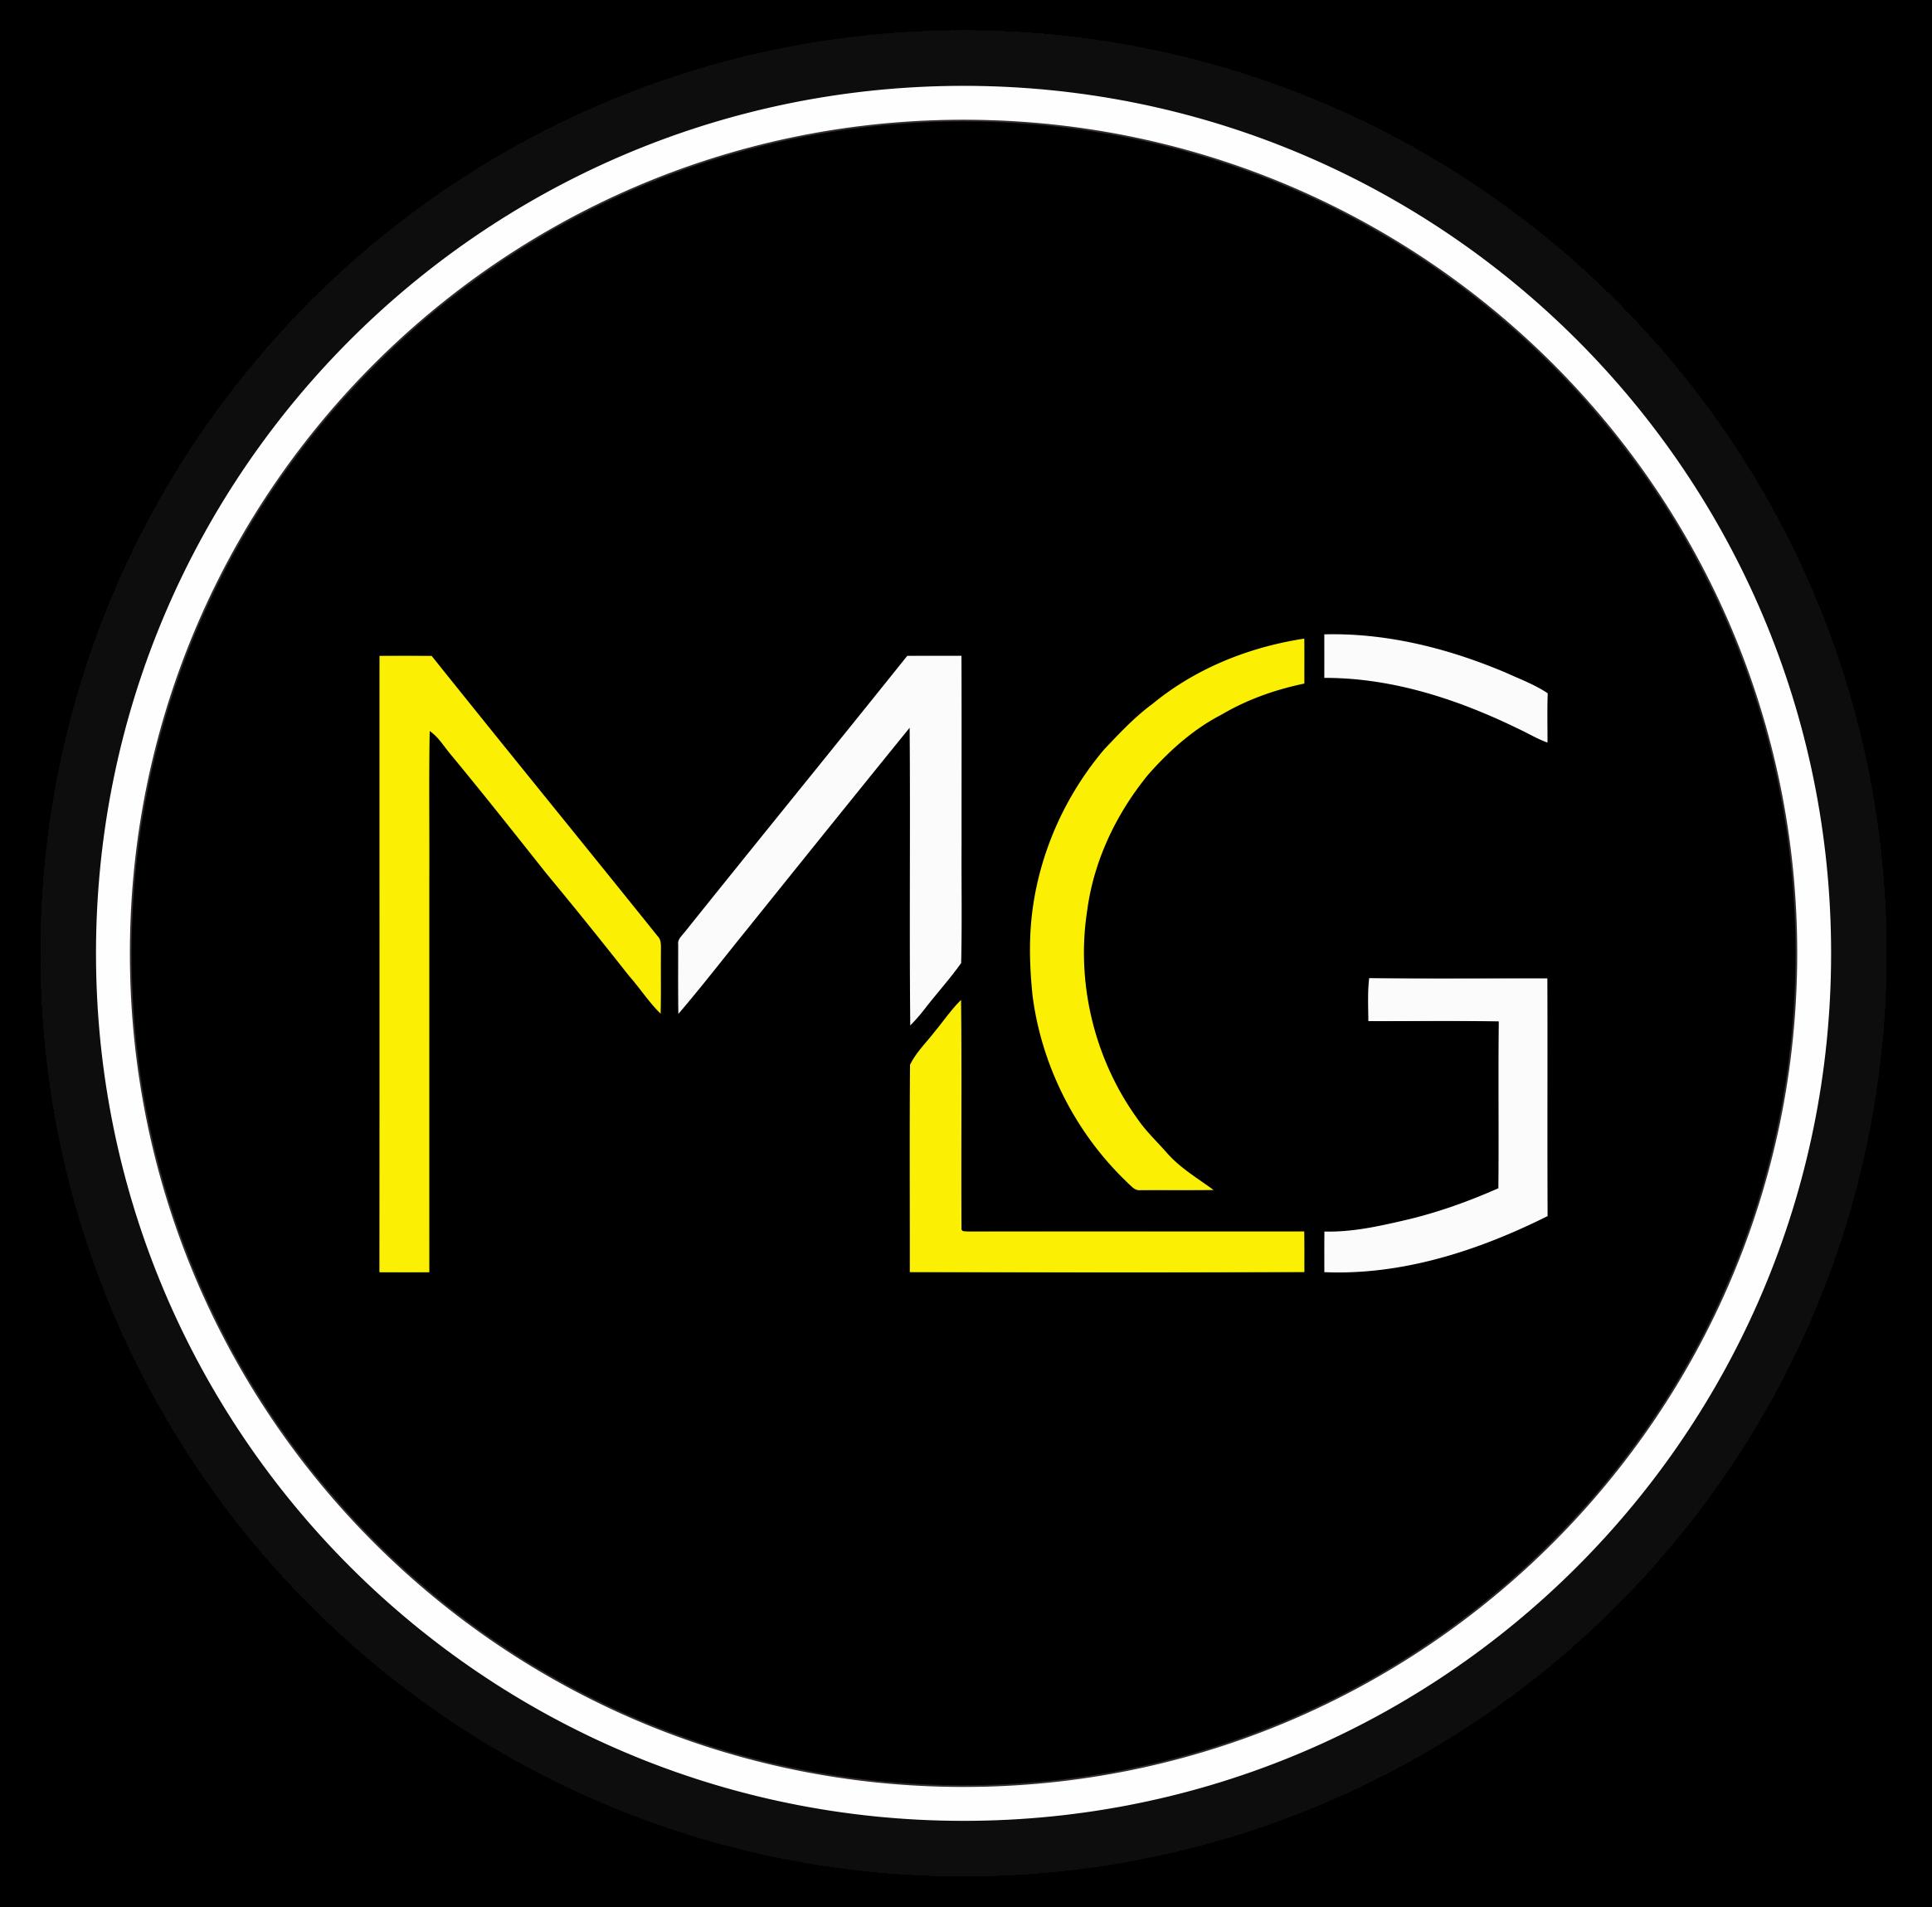 Konsultan MLG